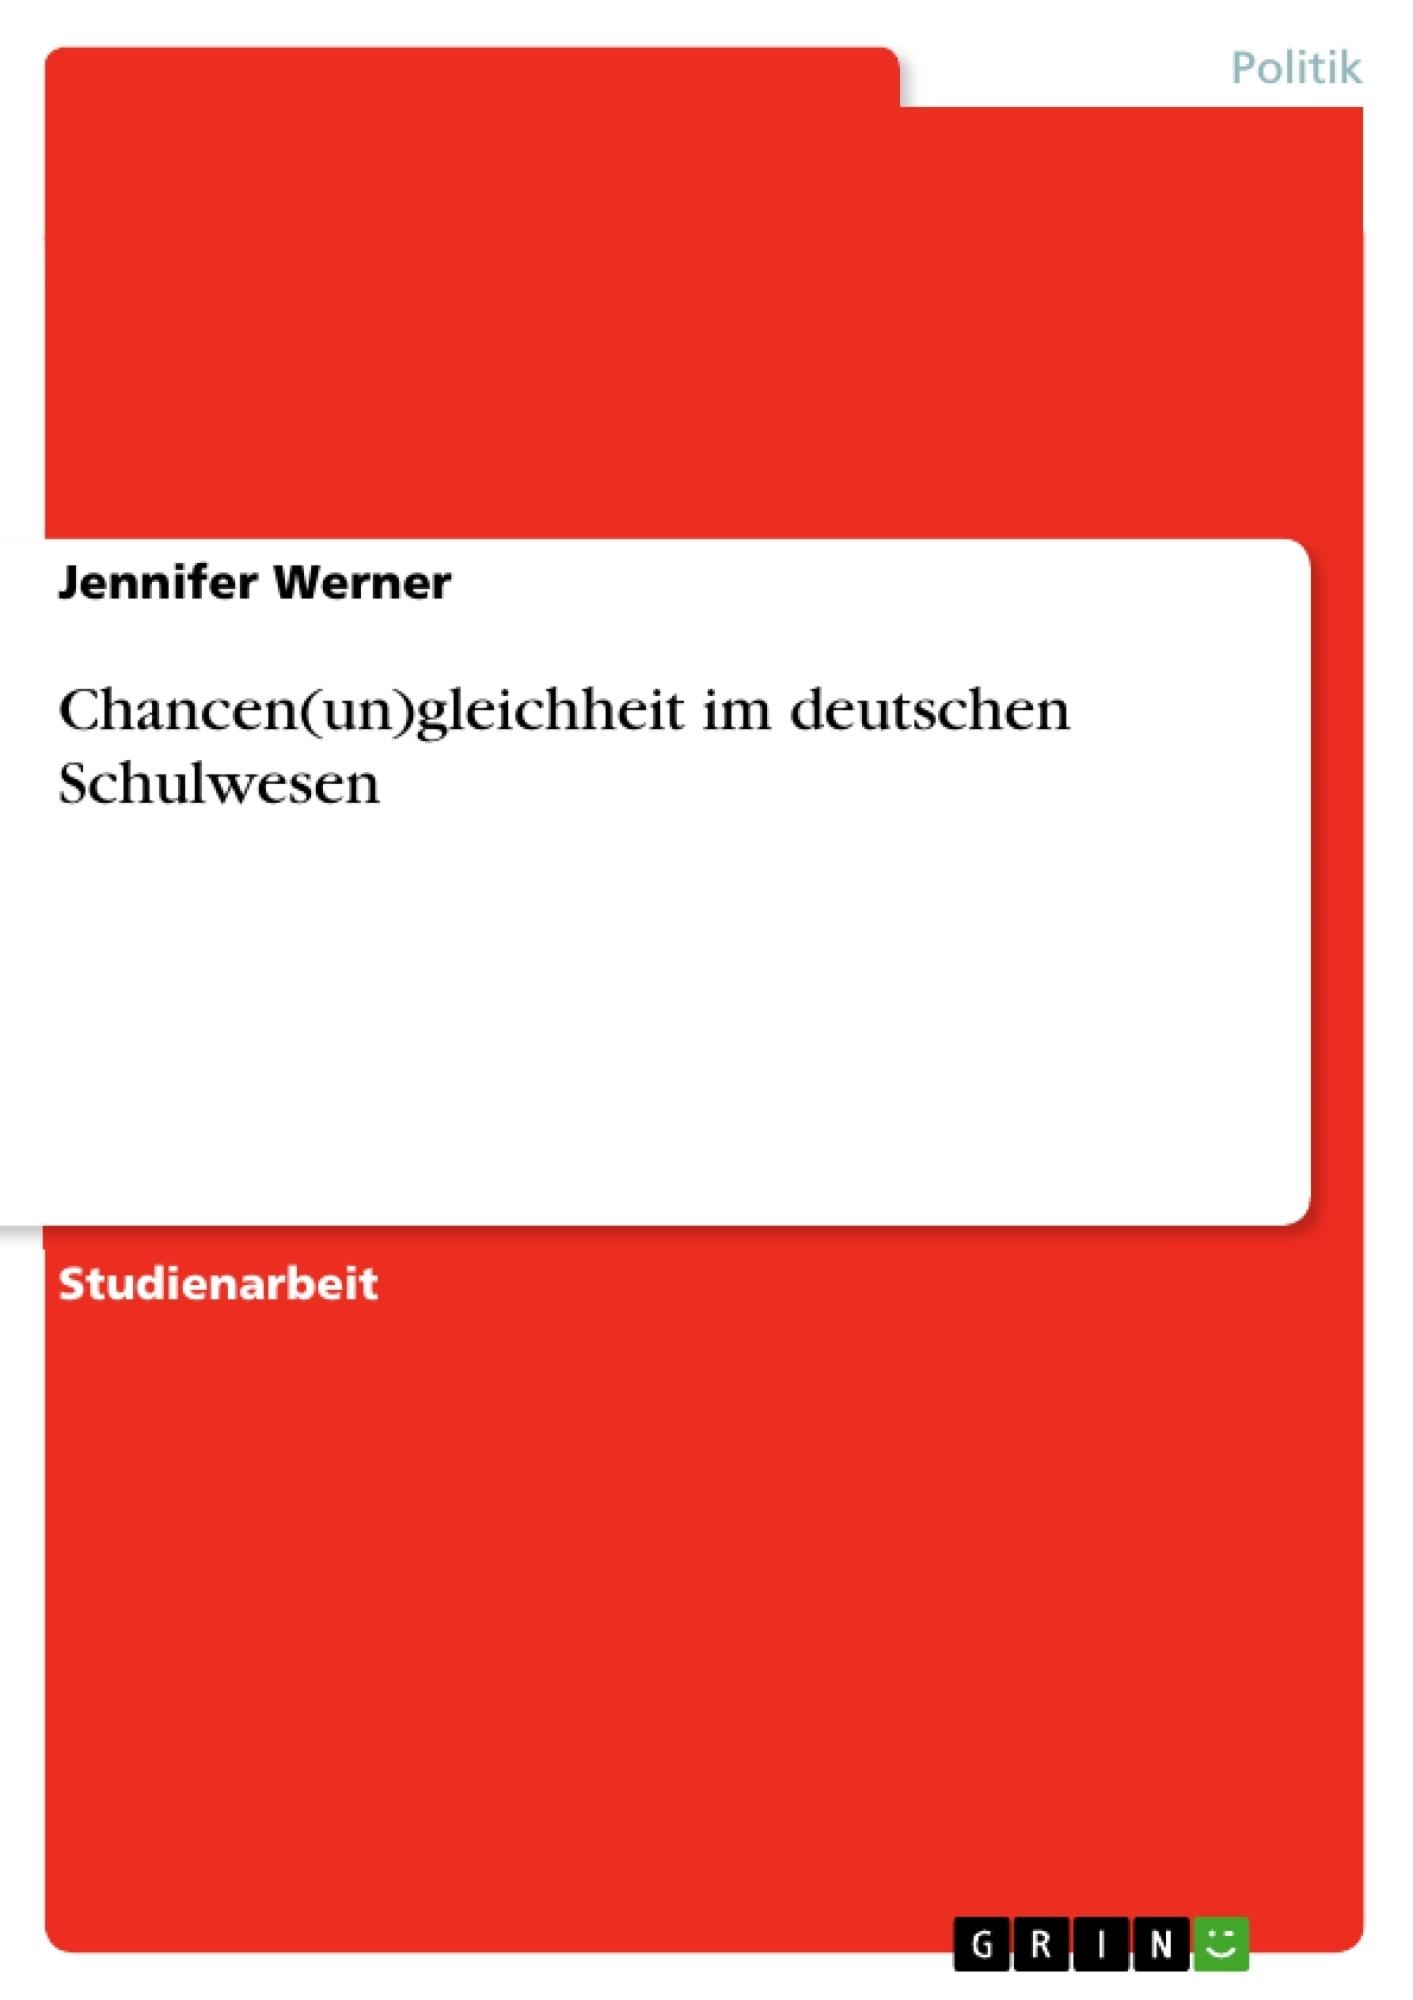 Titel: Chancen(un)gleichheit im deutschen Schulwesen